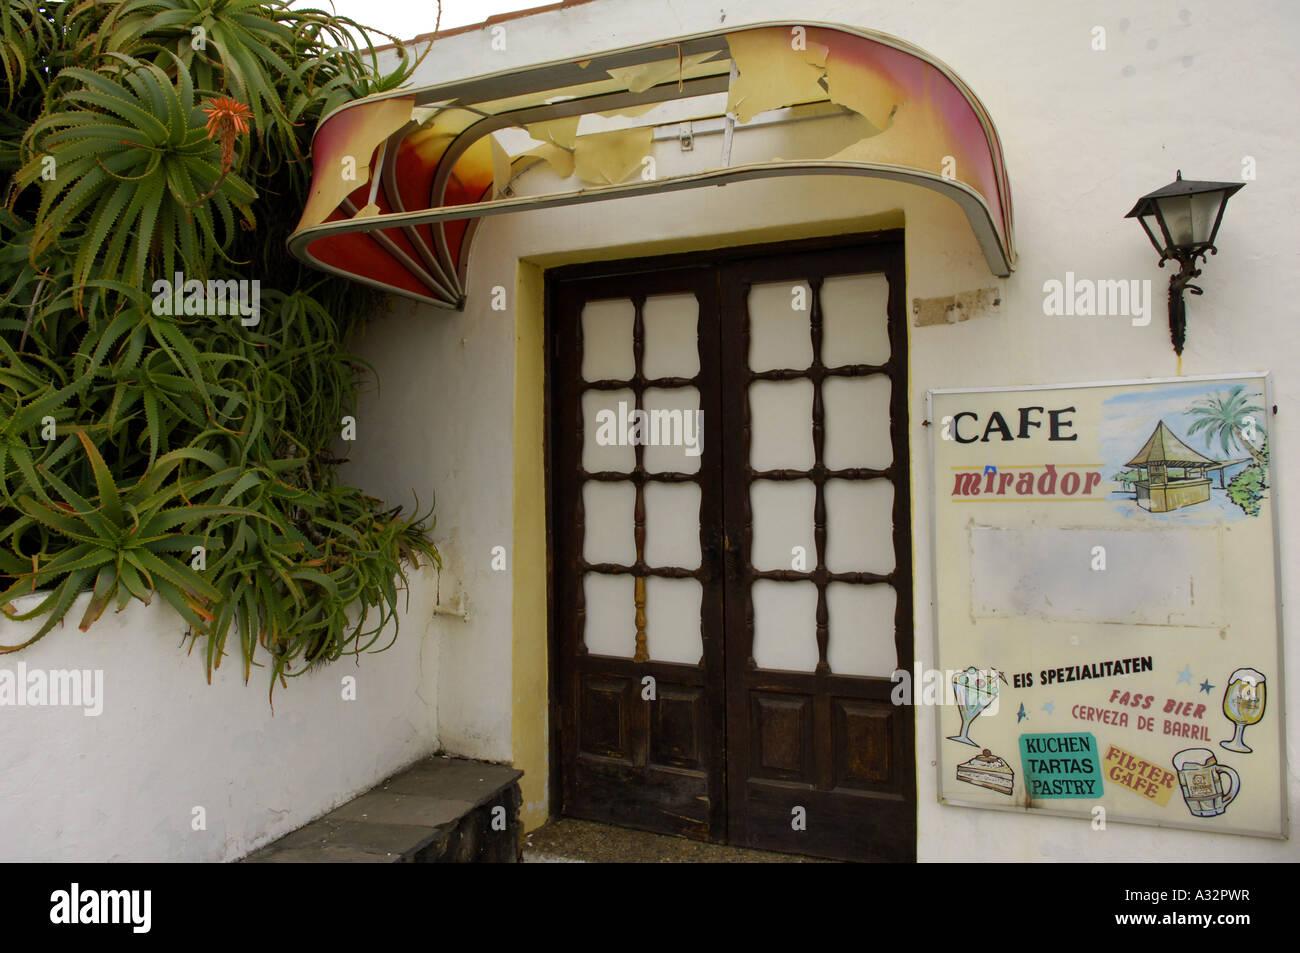 Beste Fass Bar Und Küche Galerie - Küche Set Ideen - deriherusweets.info